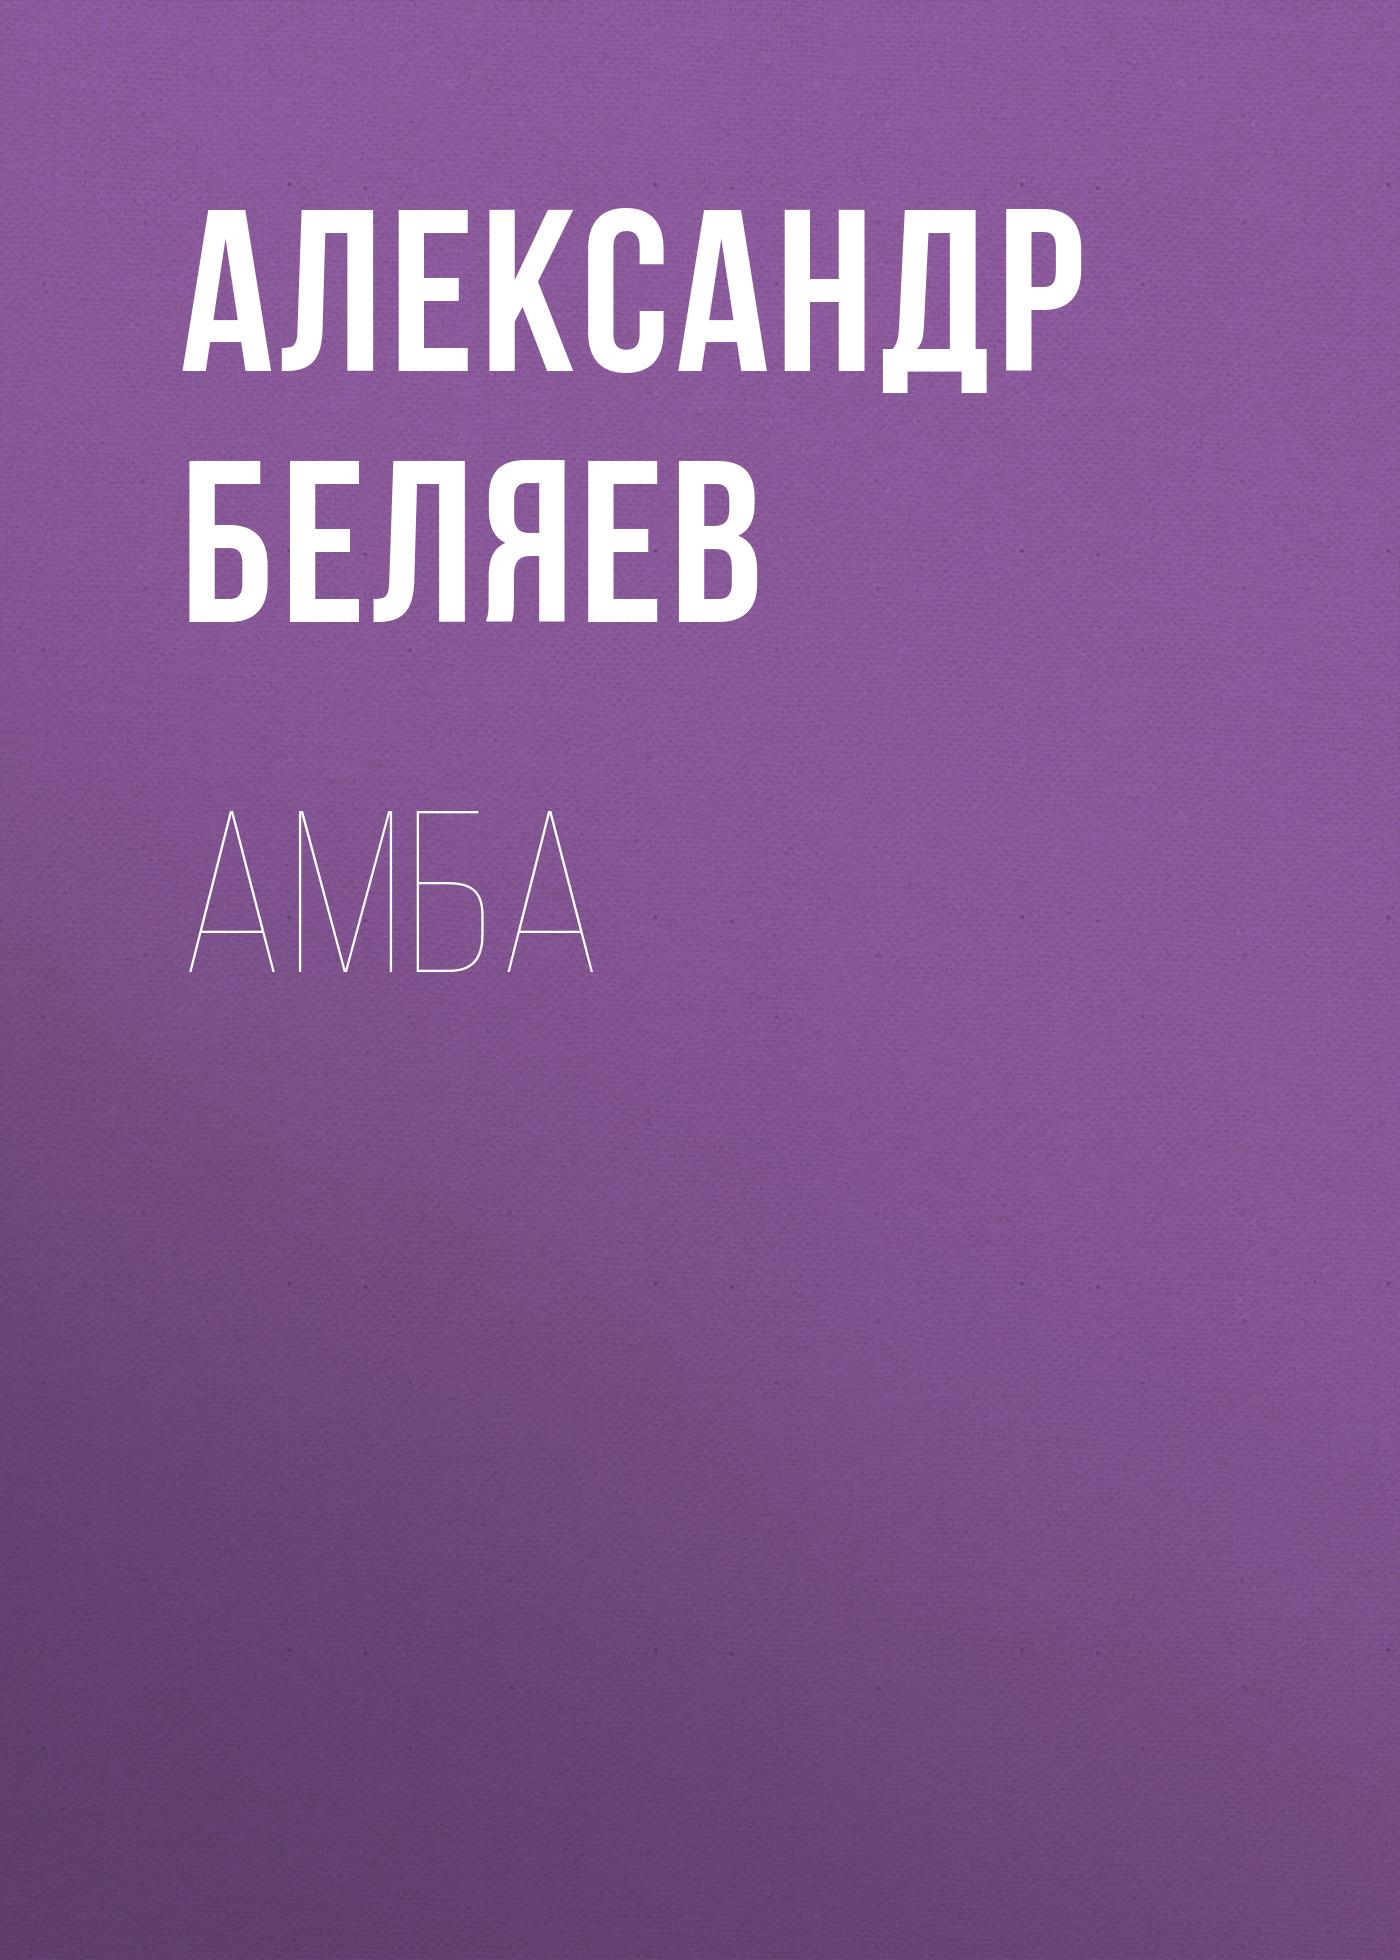 Александр Беляев Амба грант я у меня растет сын как воспитать настоящего мужчину